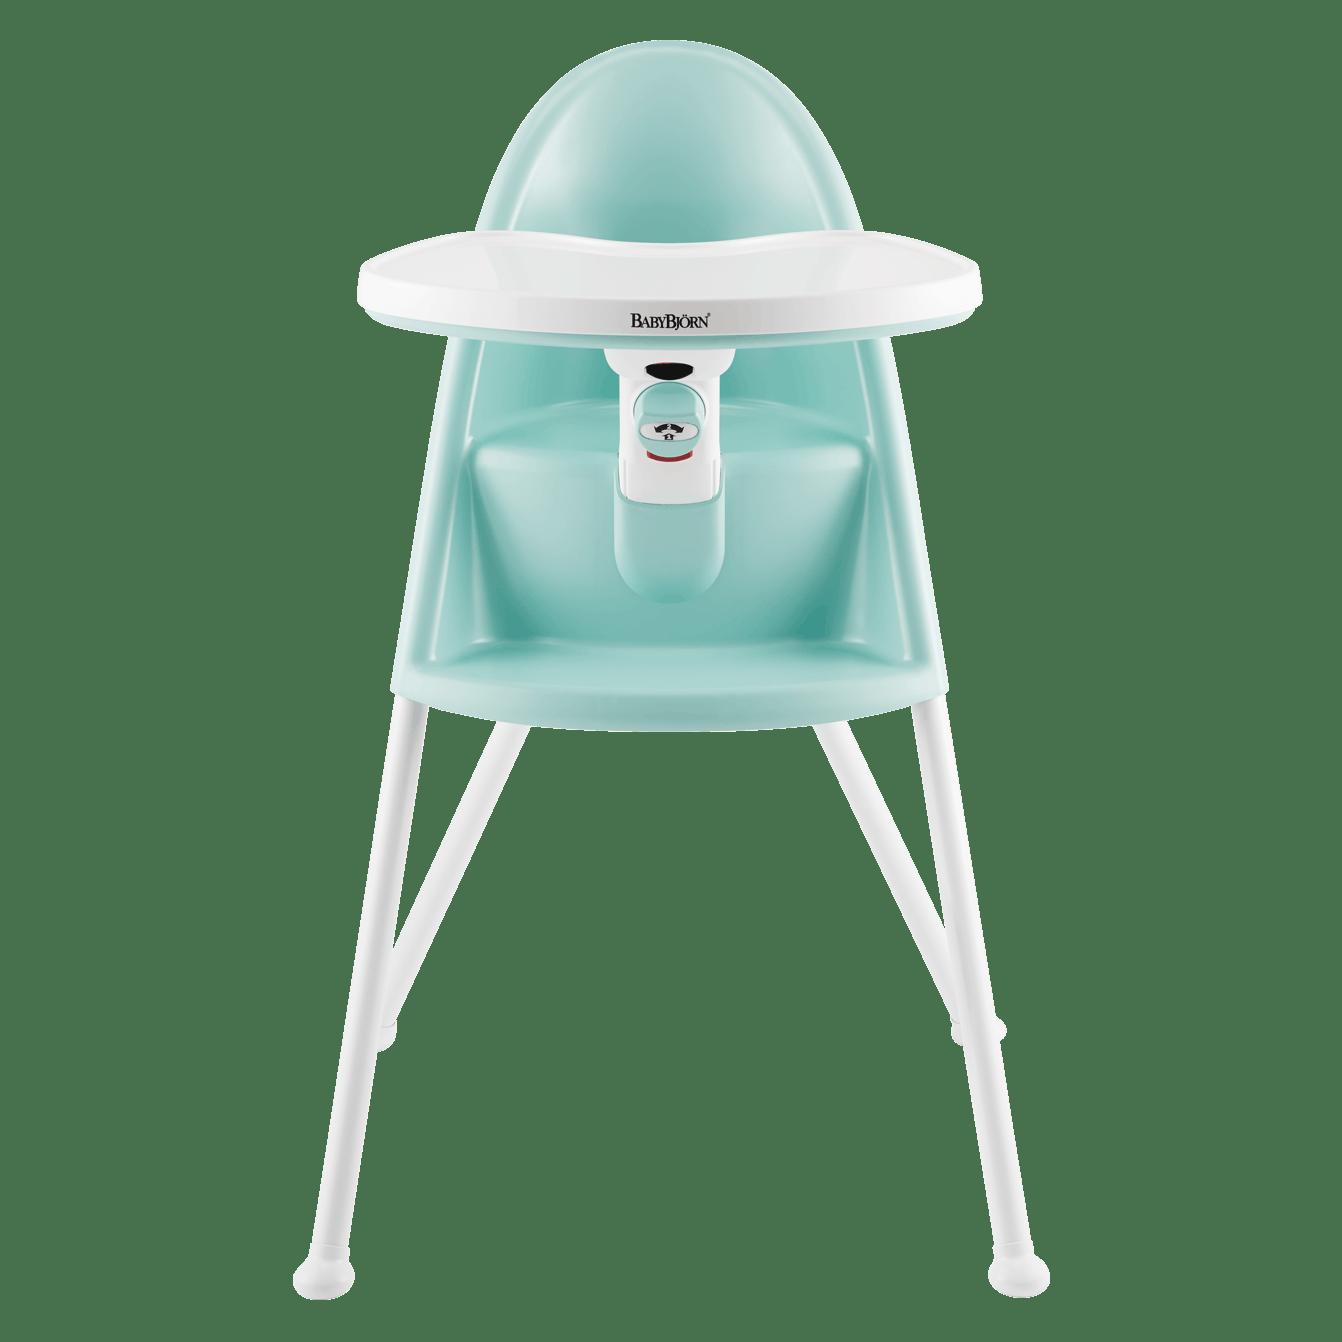 high-chair-light-green-067085-babybjorn-front